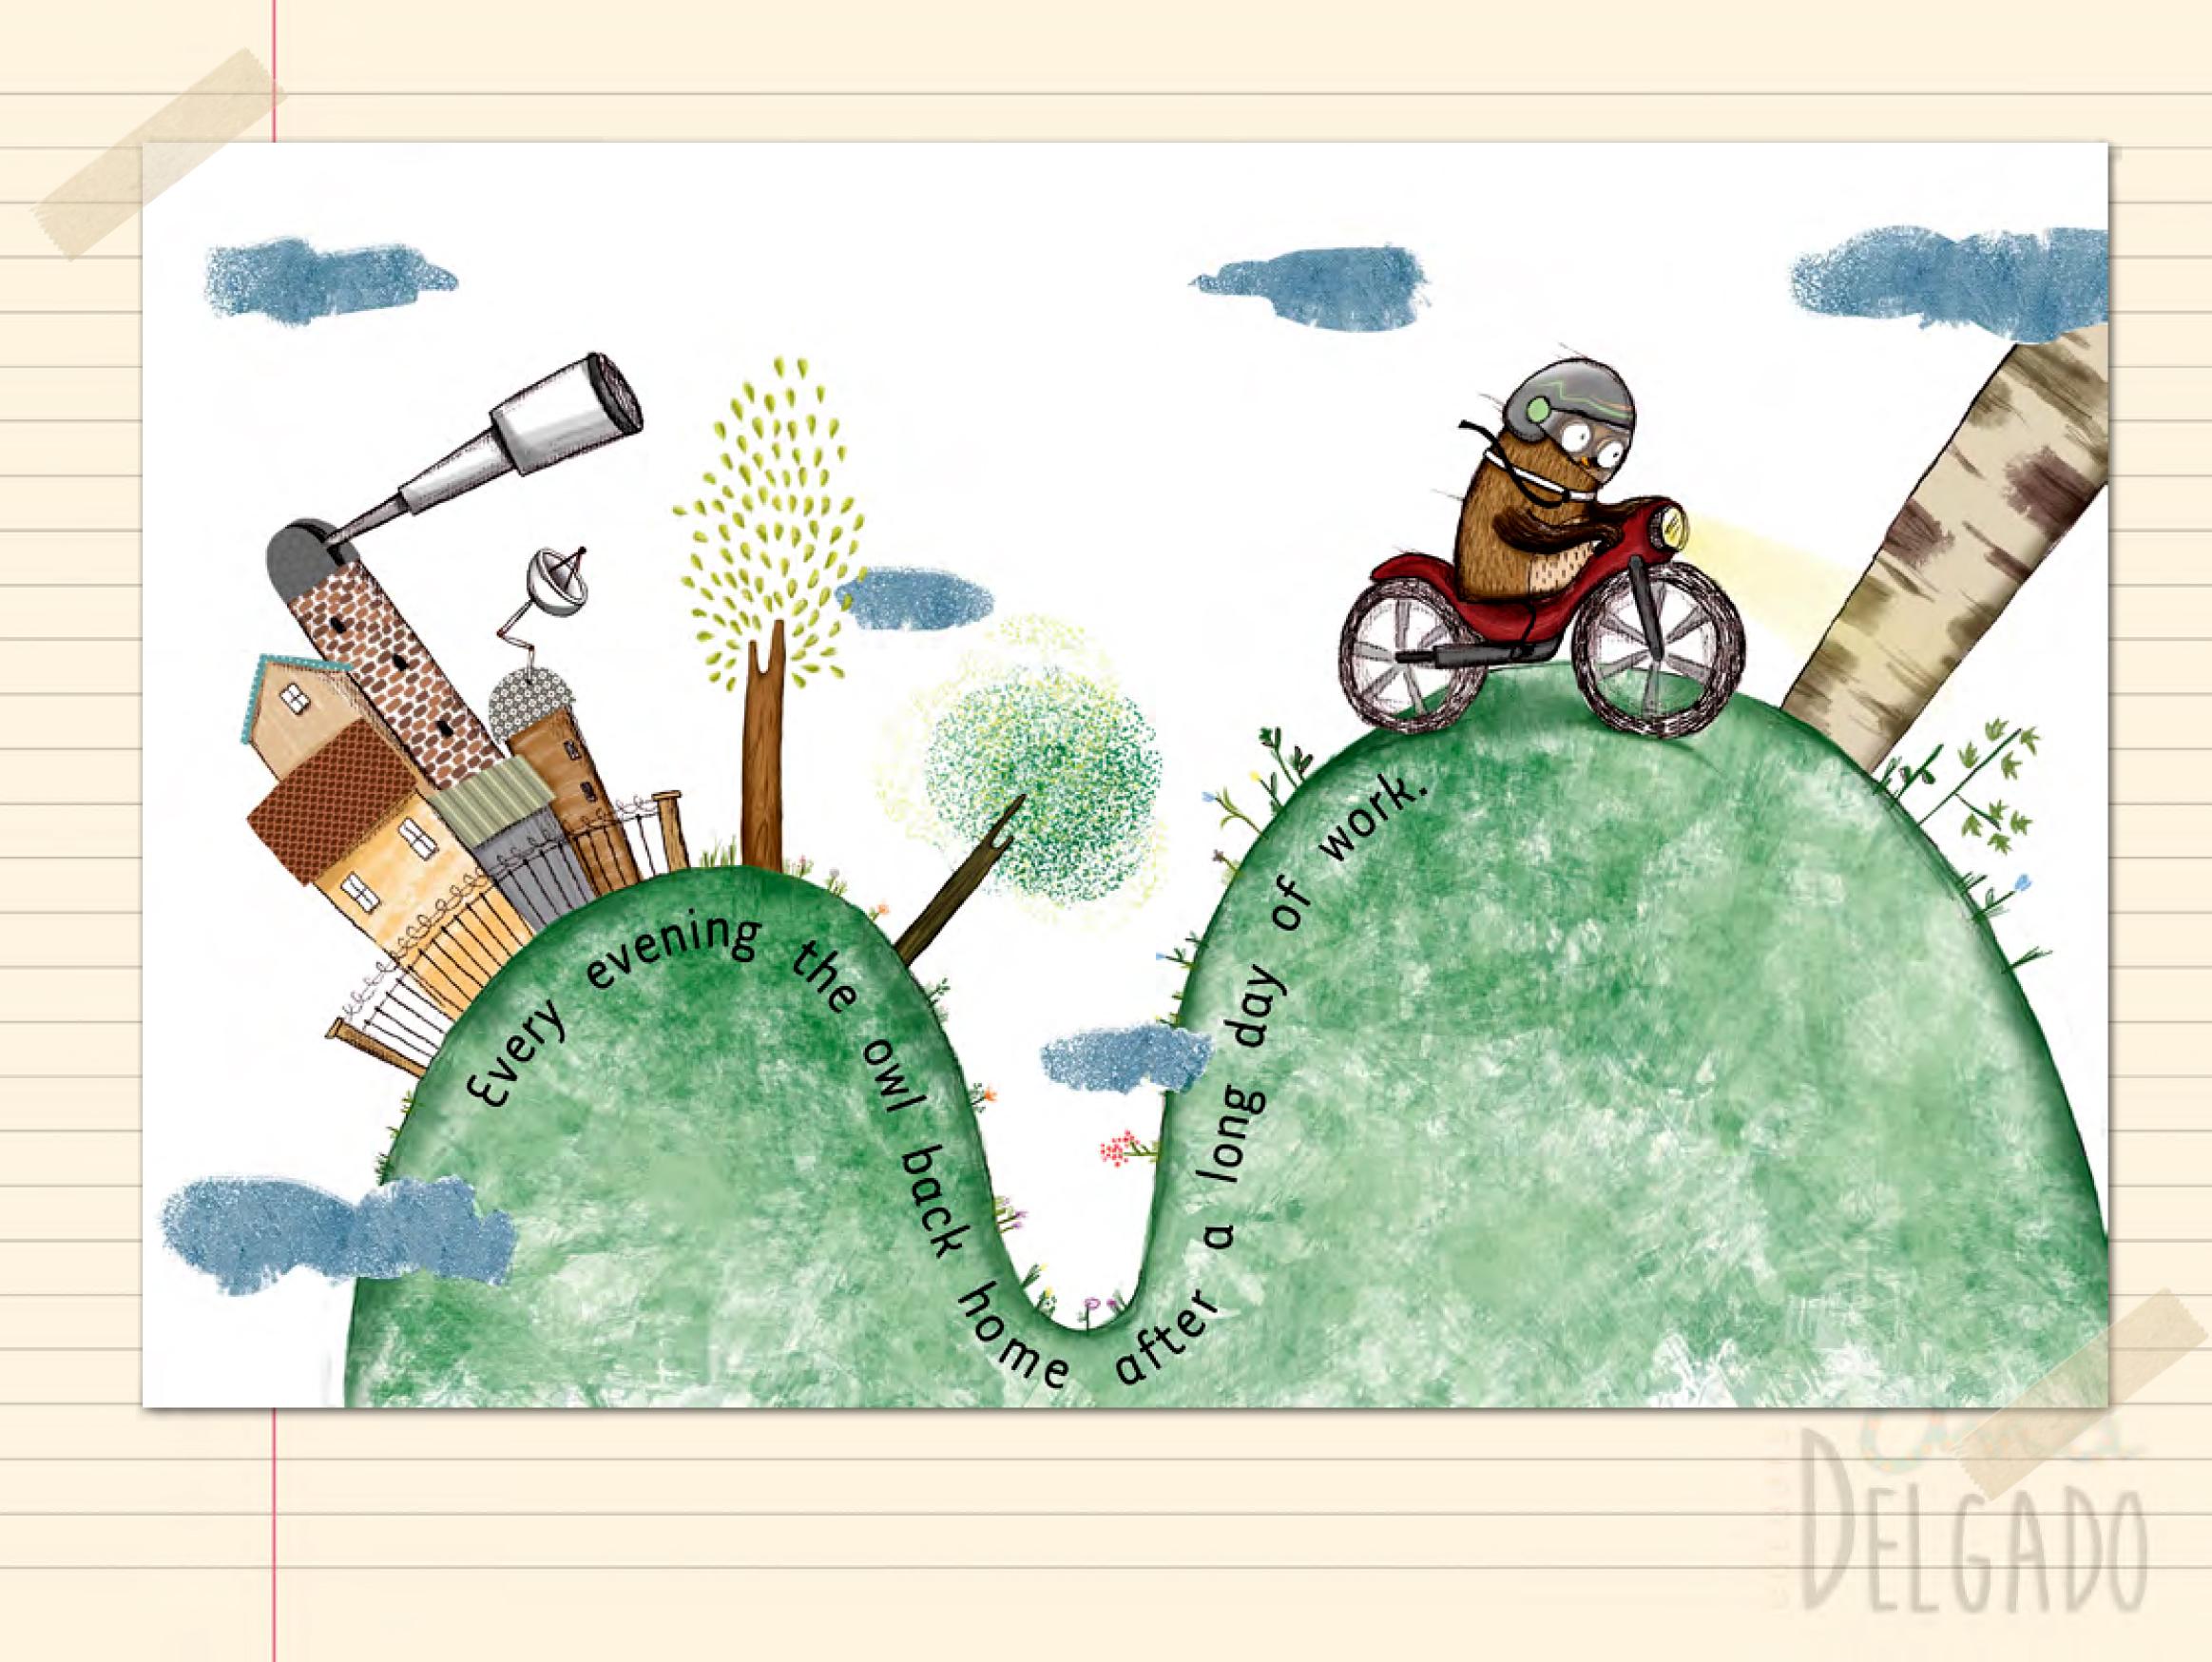 Ilustración Ana Delgado 3